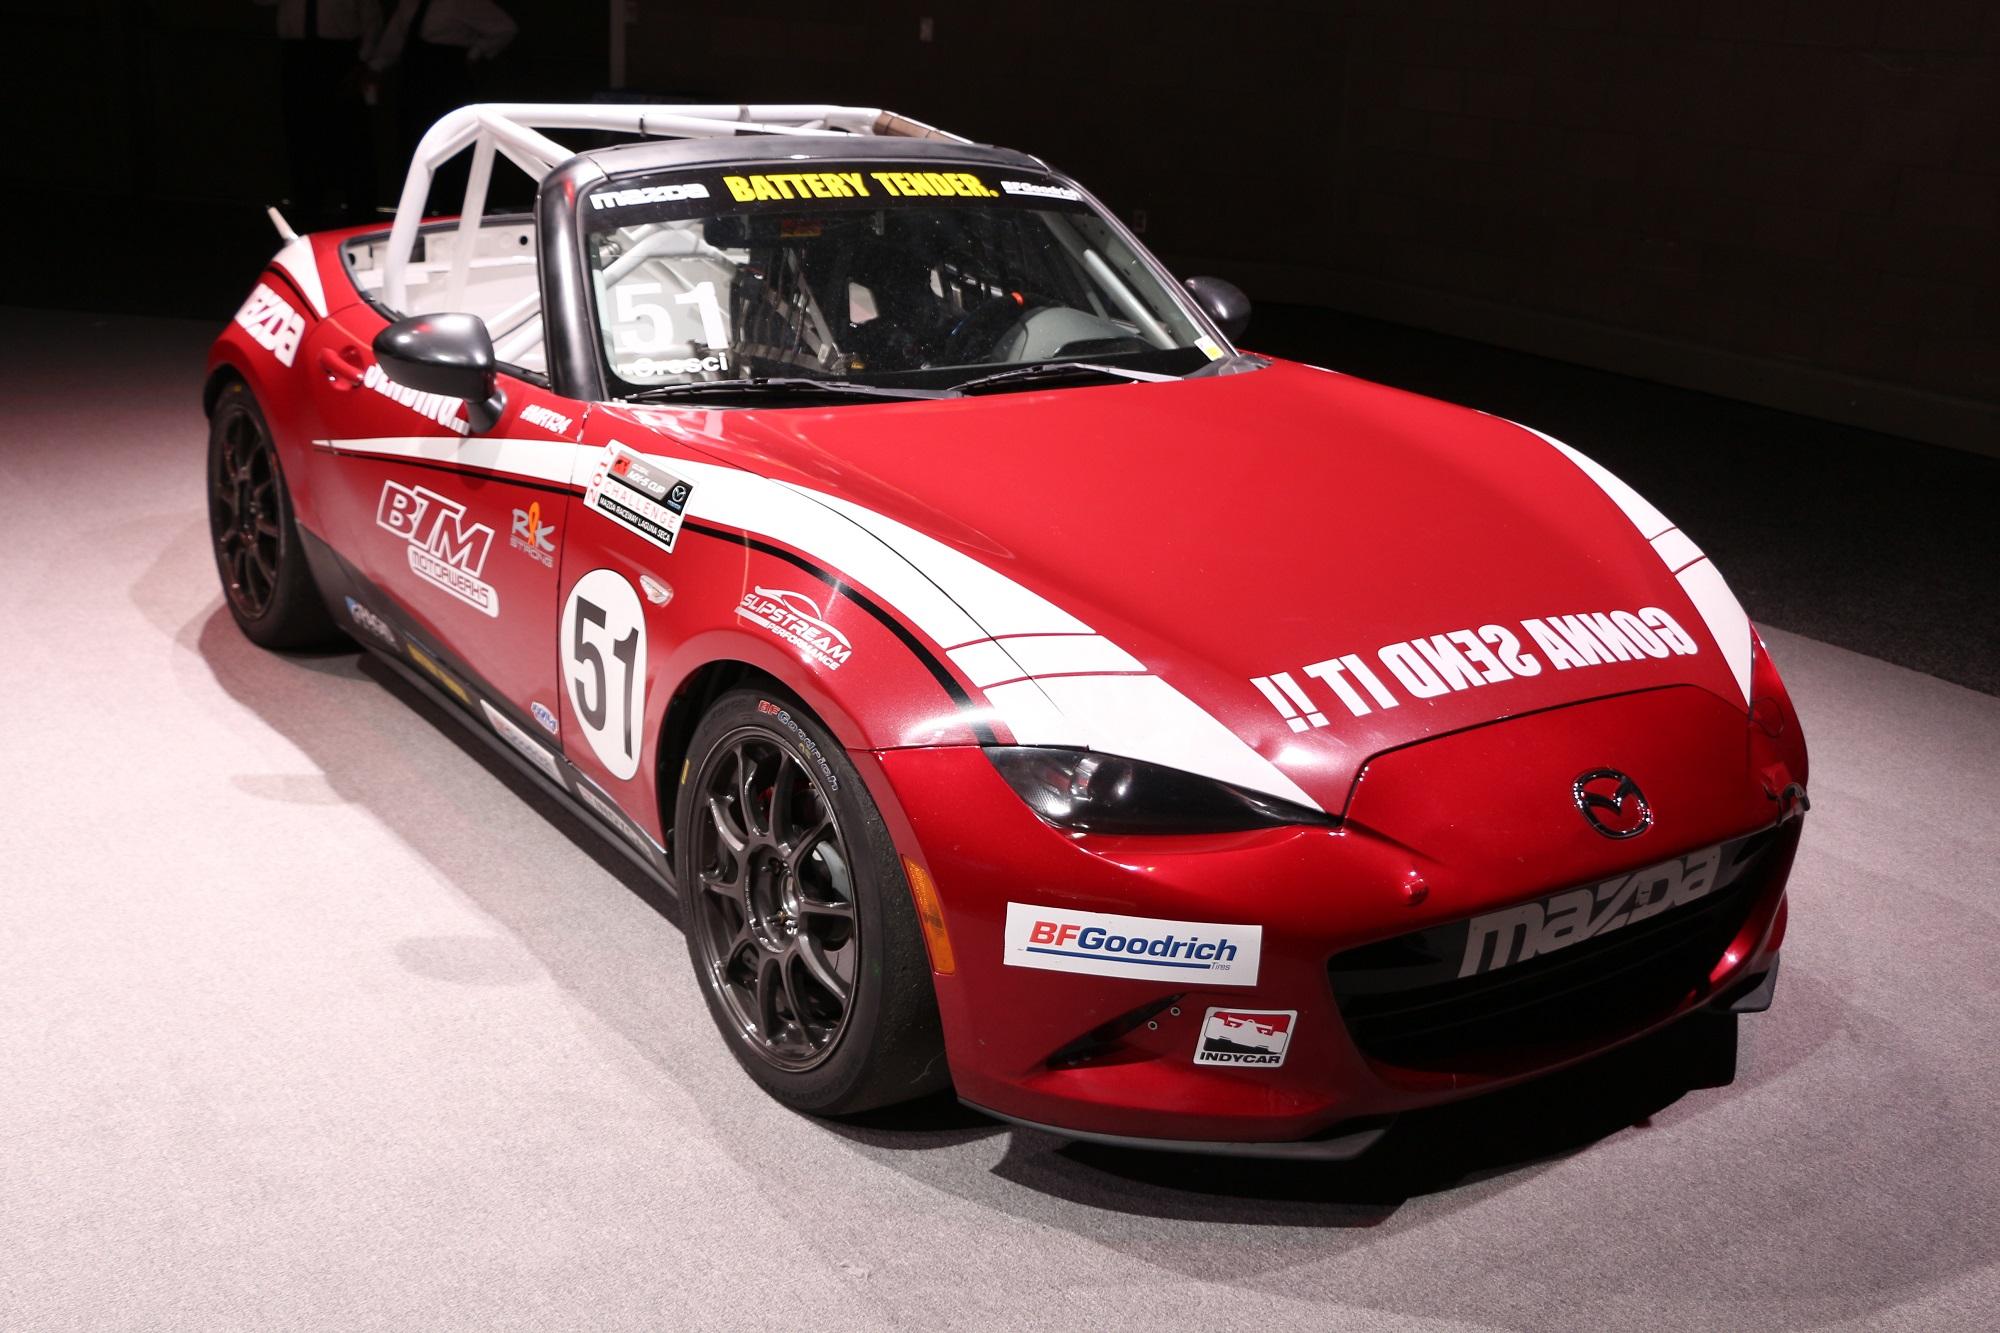 carblog.com Mazda Miata ND race car MX5 MX-5 Cup